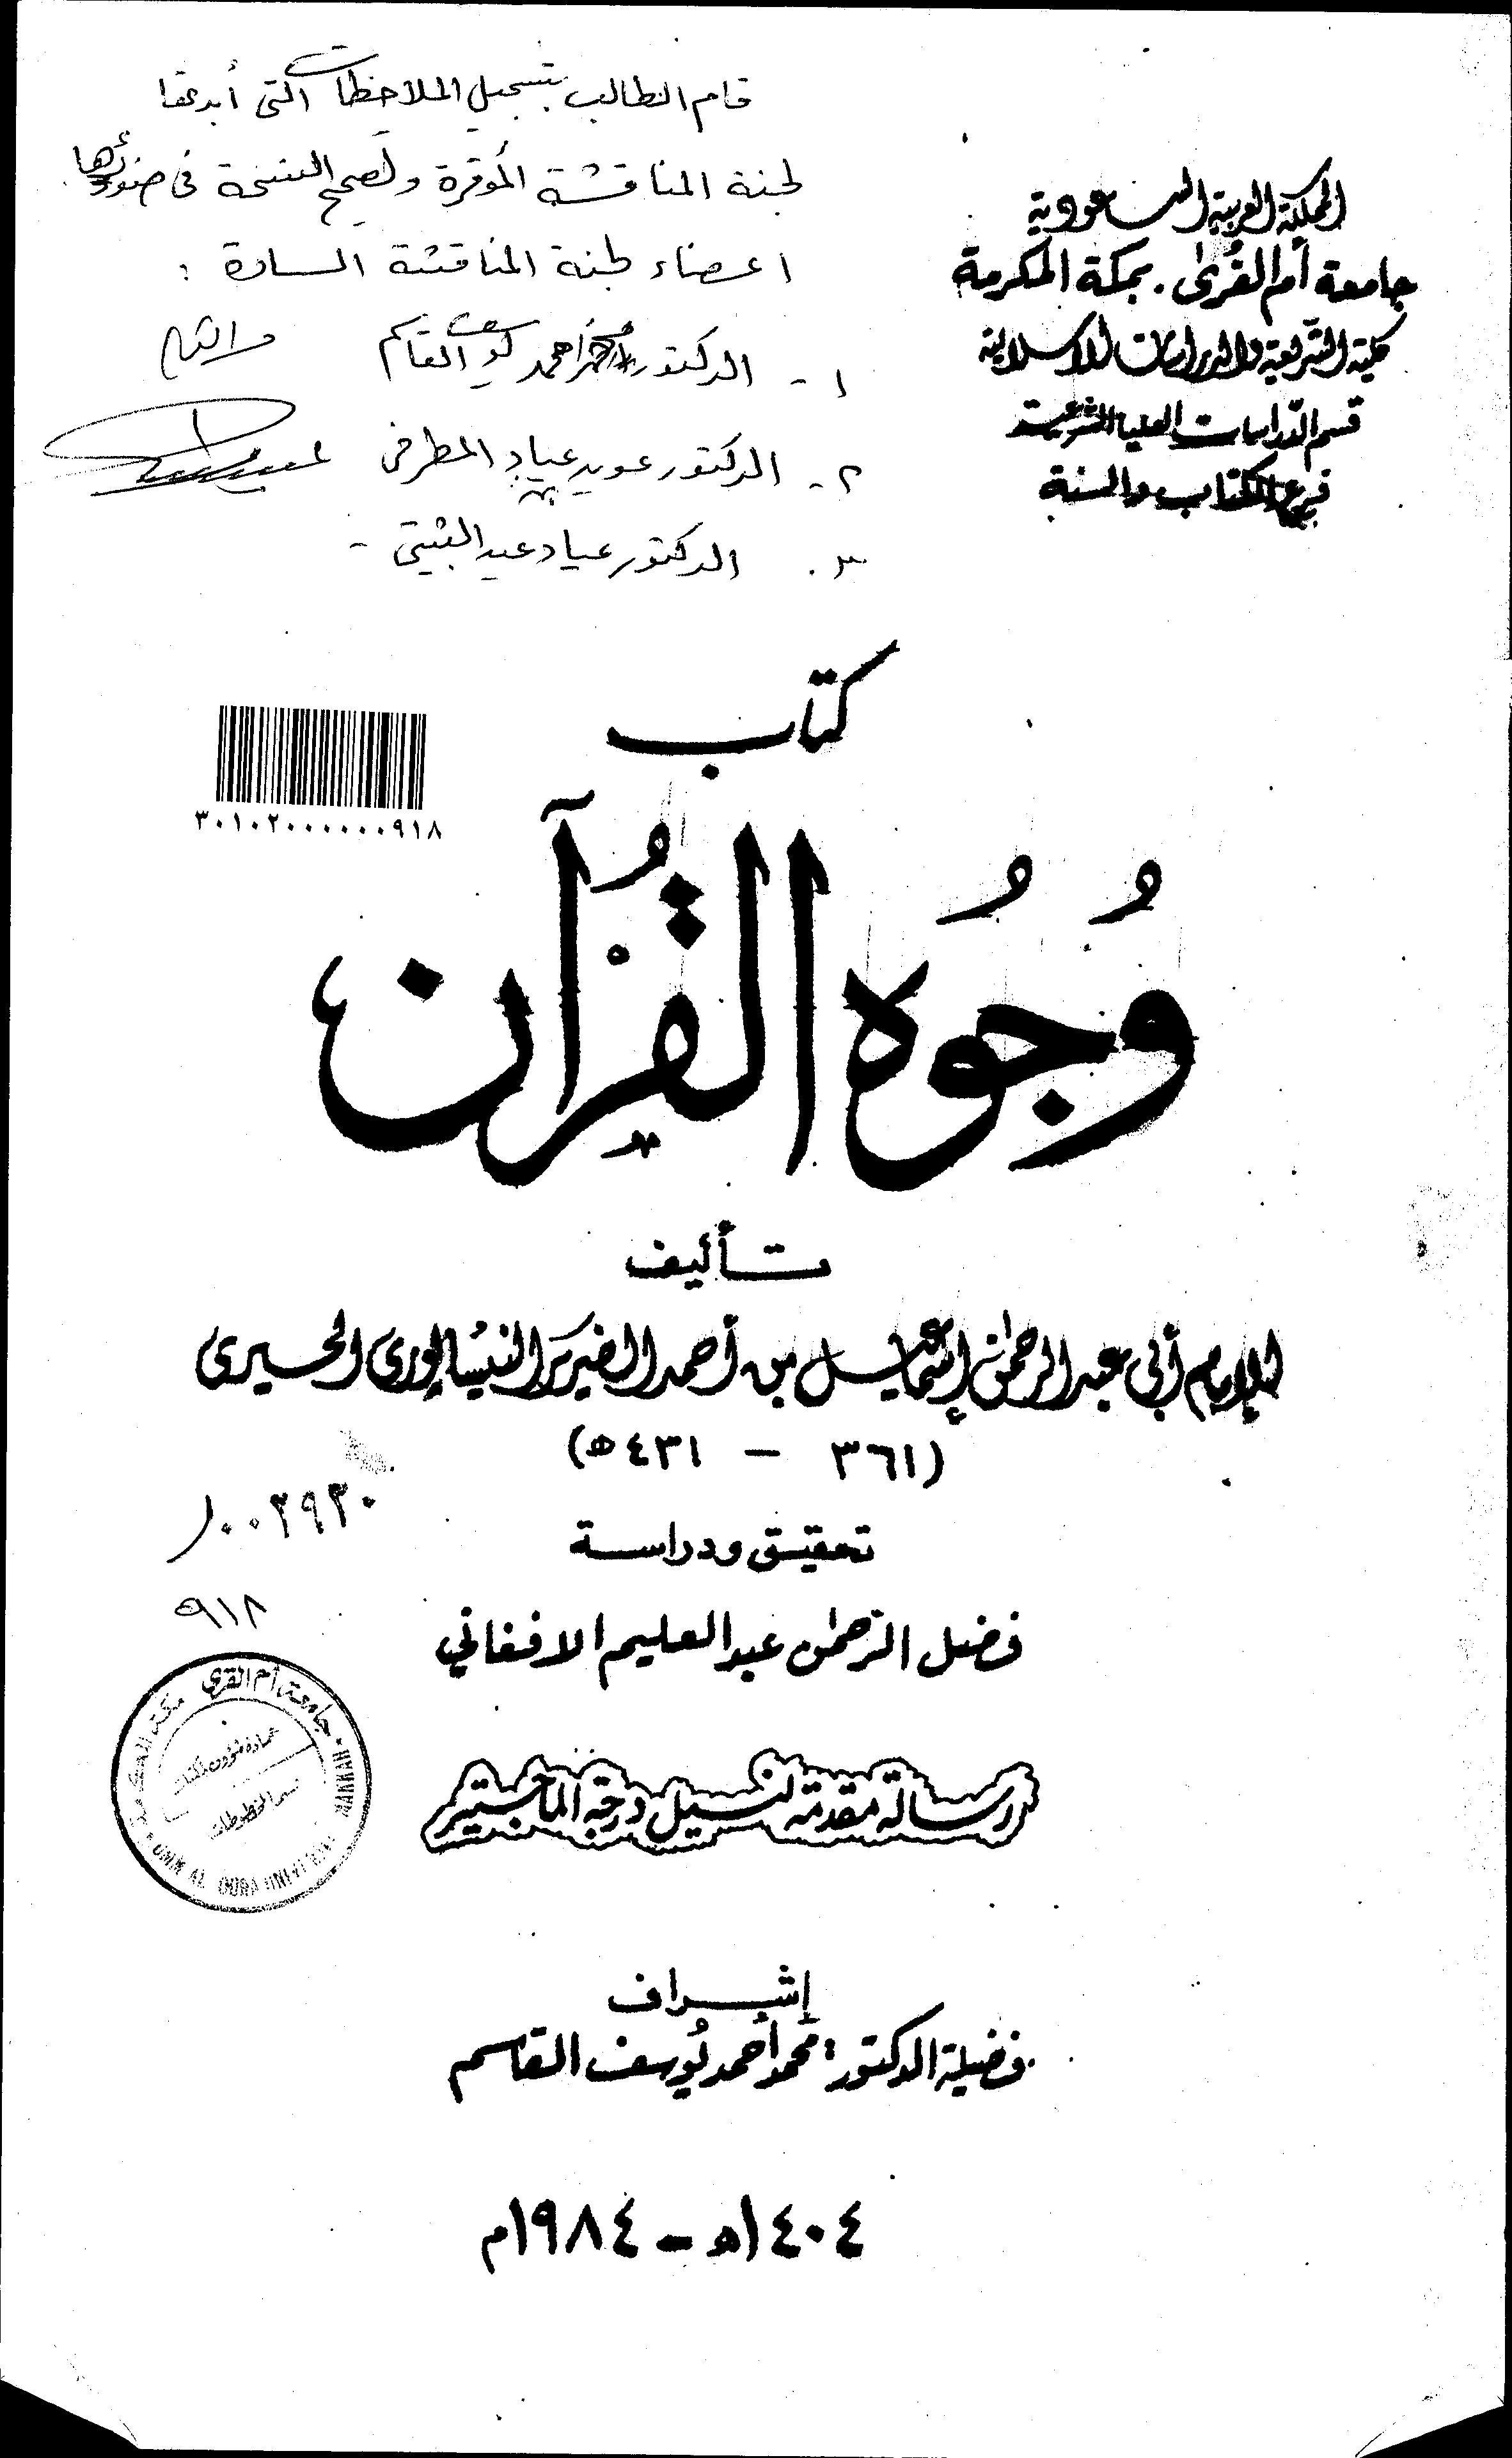 تحميل كتاب وجوه القرآن (ت الأفغاني) لـِ: الإمام أبو عبد الرحمن إسماعيل بن أحمد بن عبد الله الضرير الحِيري النيسابوري (ت 431)